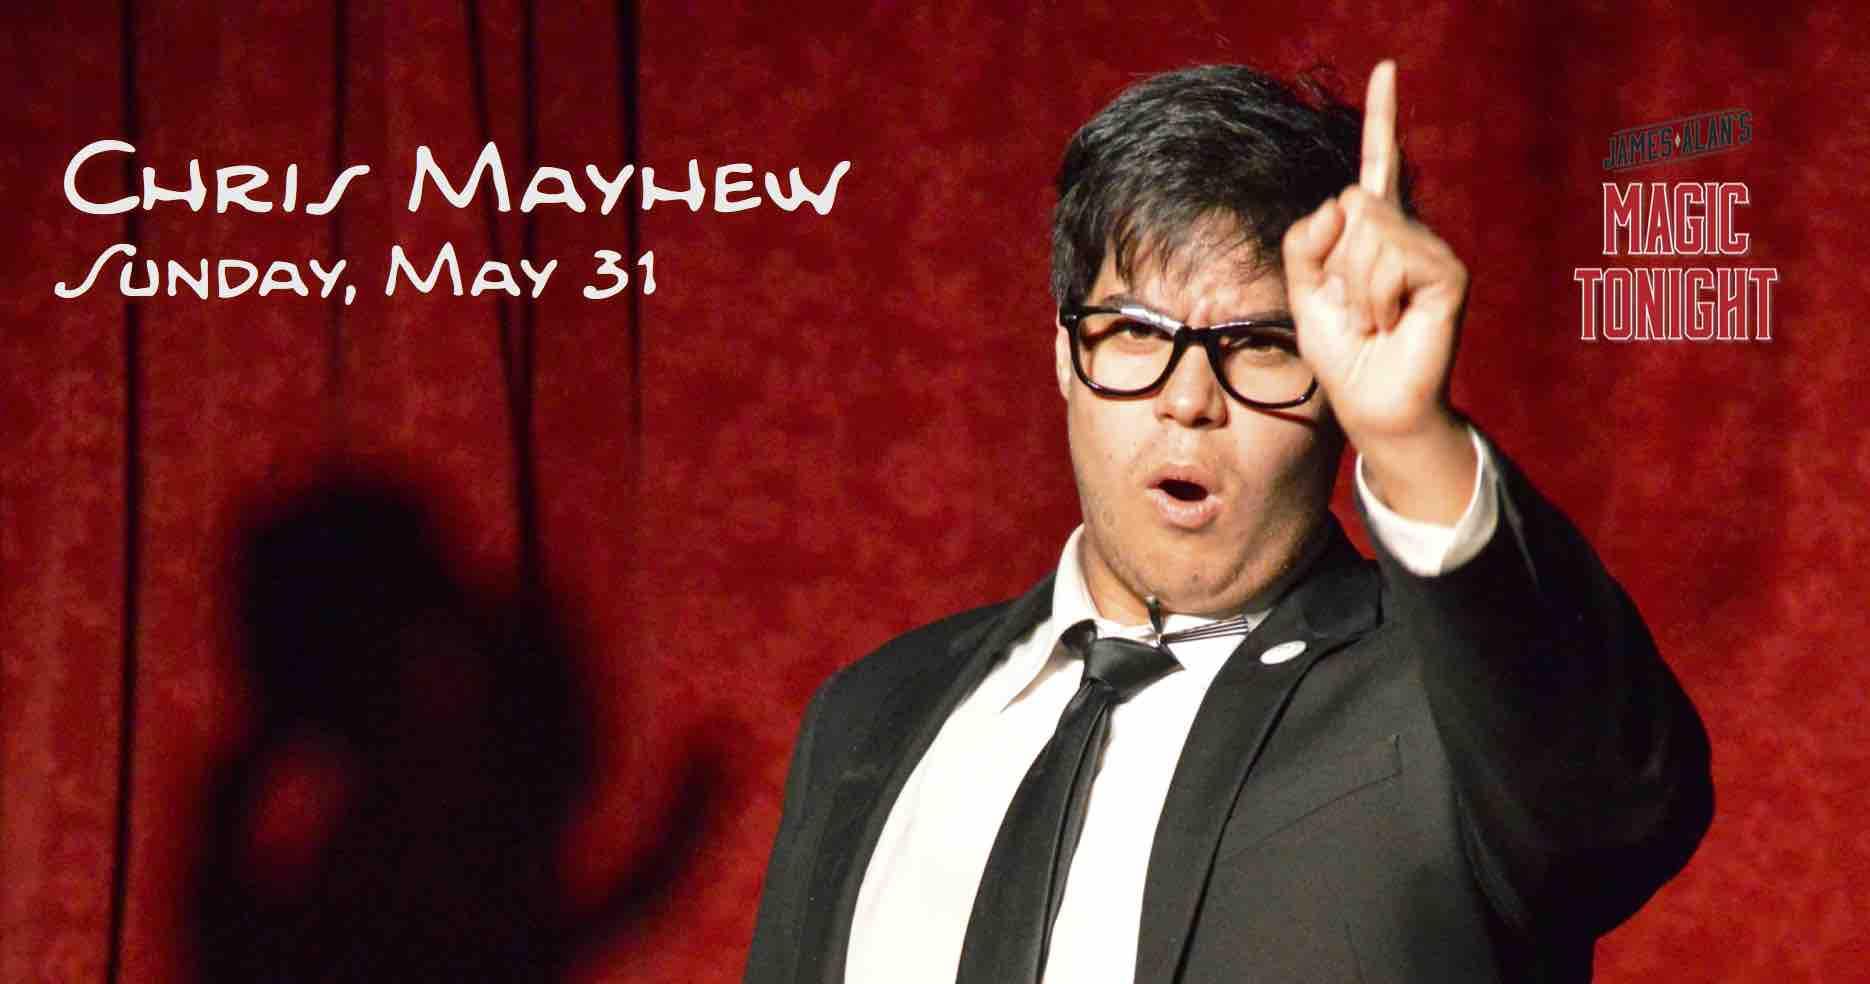 May 31 Chris Mayhew